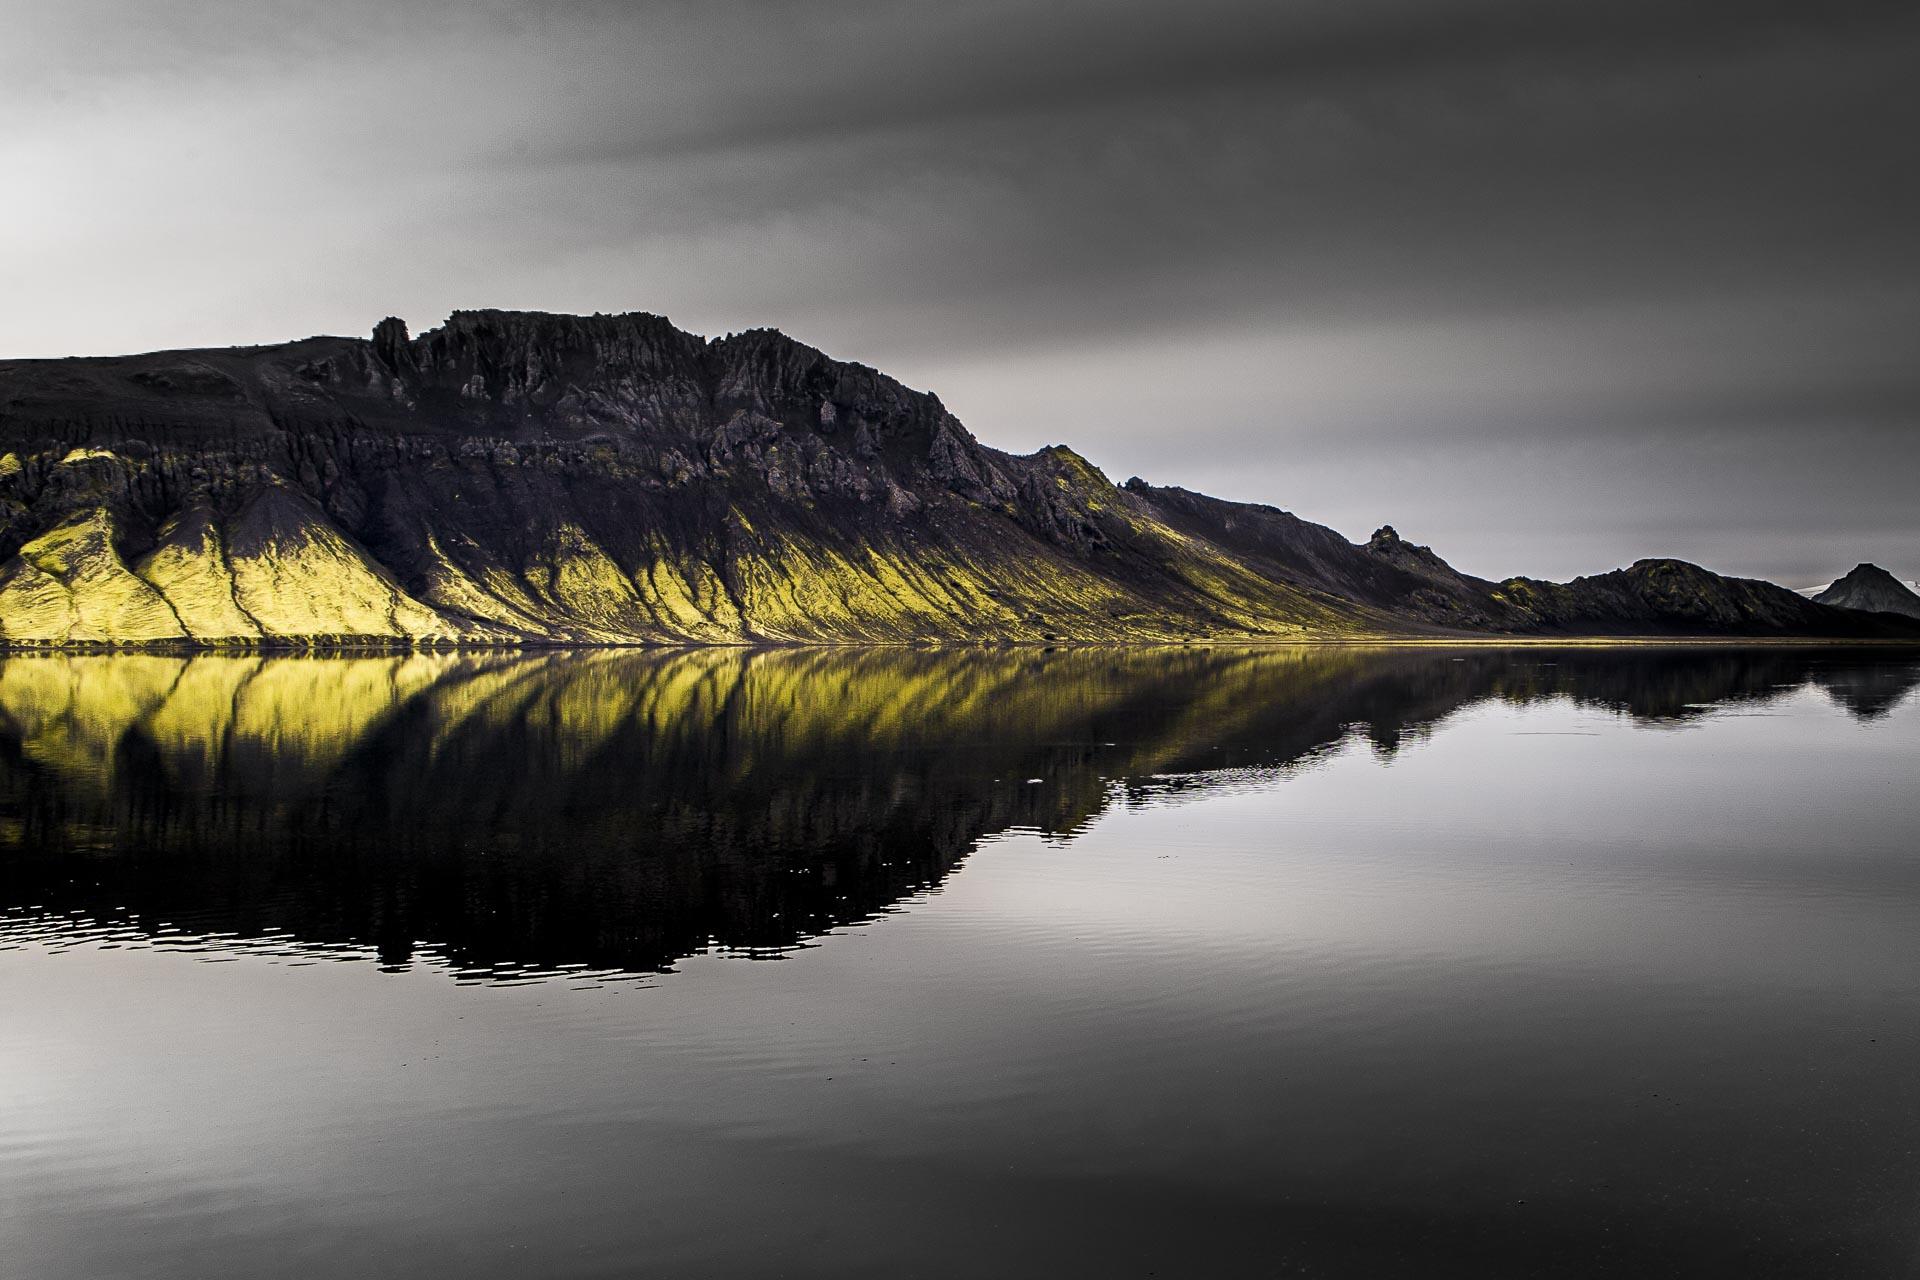 voyage_photo_islande©stephaneleroy-photographe-IMG_9693.jpg